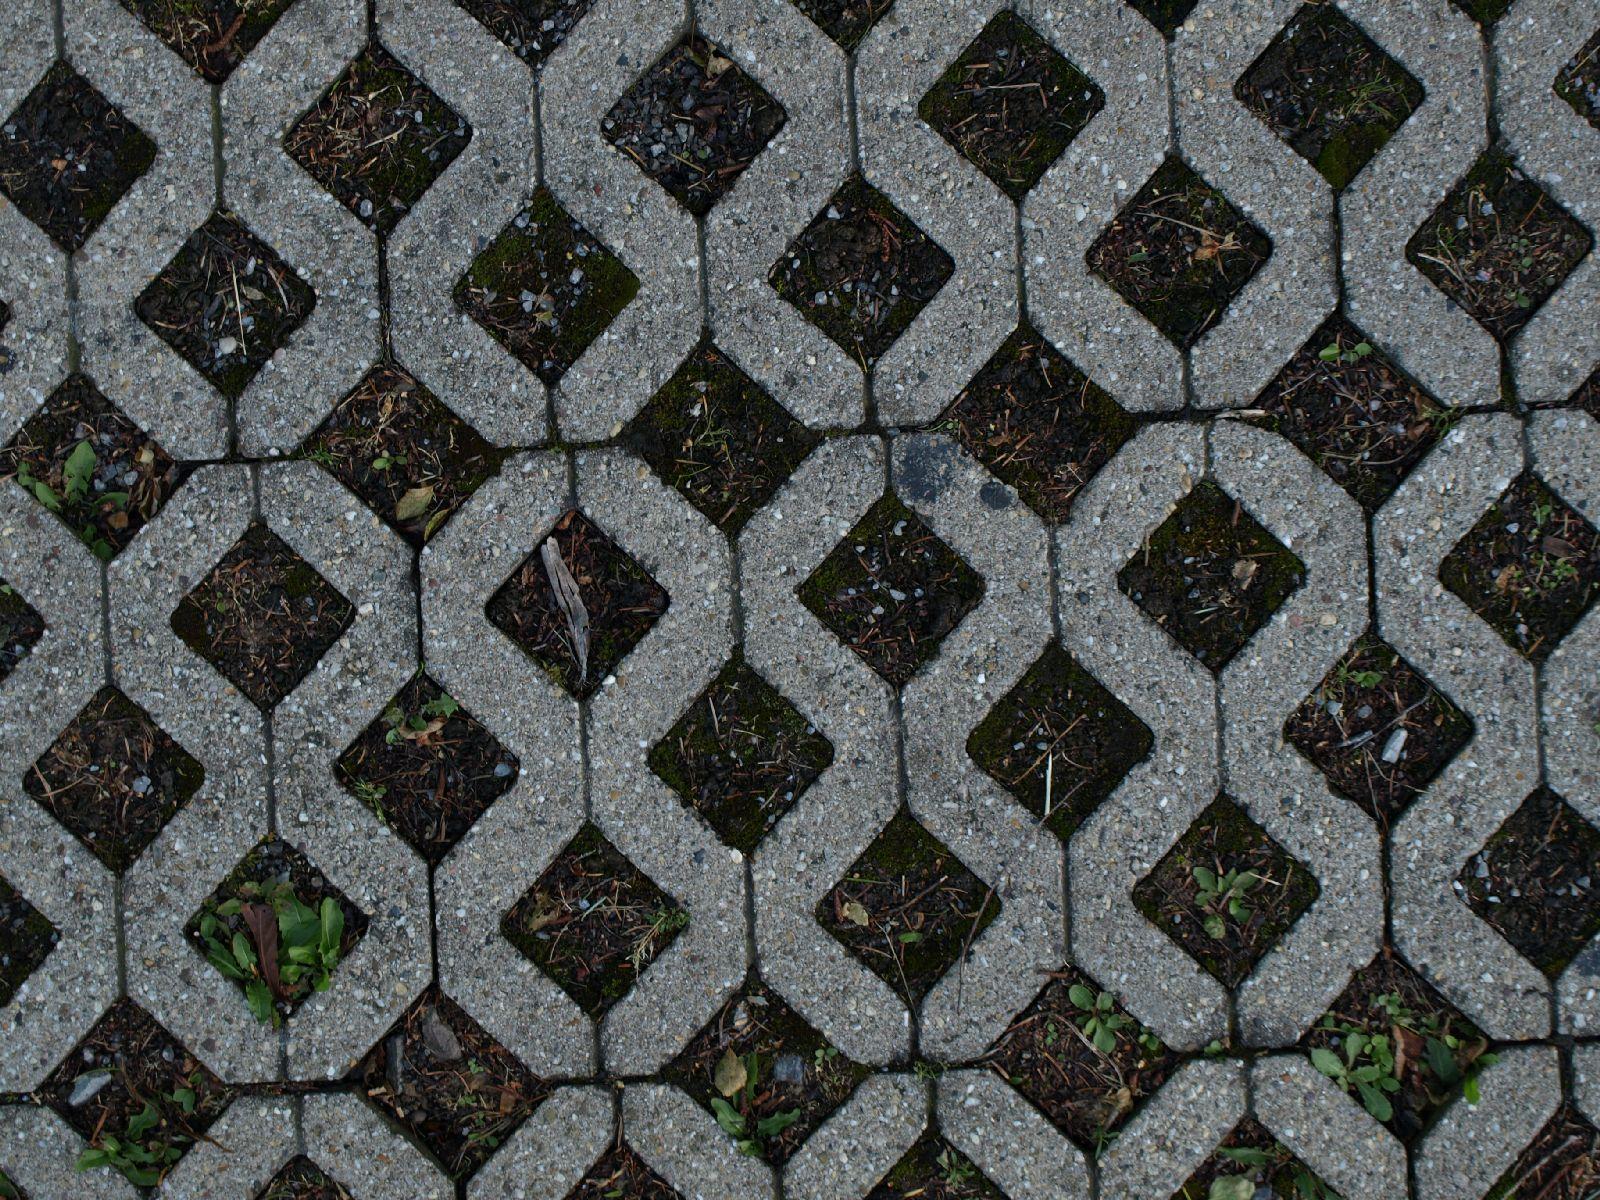 Ground-Urban_Texture_A_P6233717